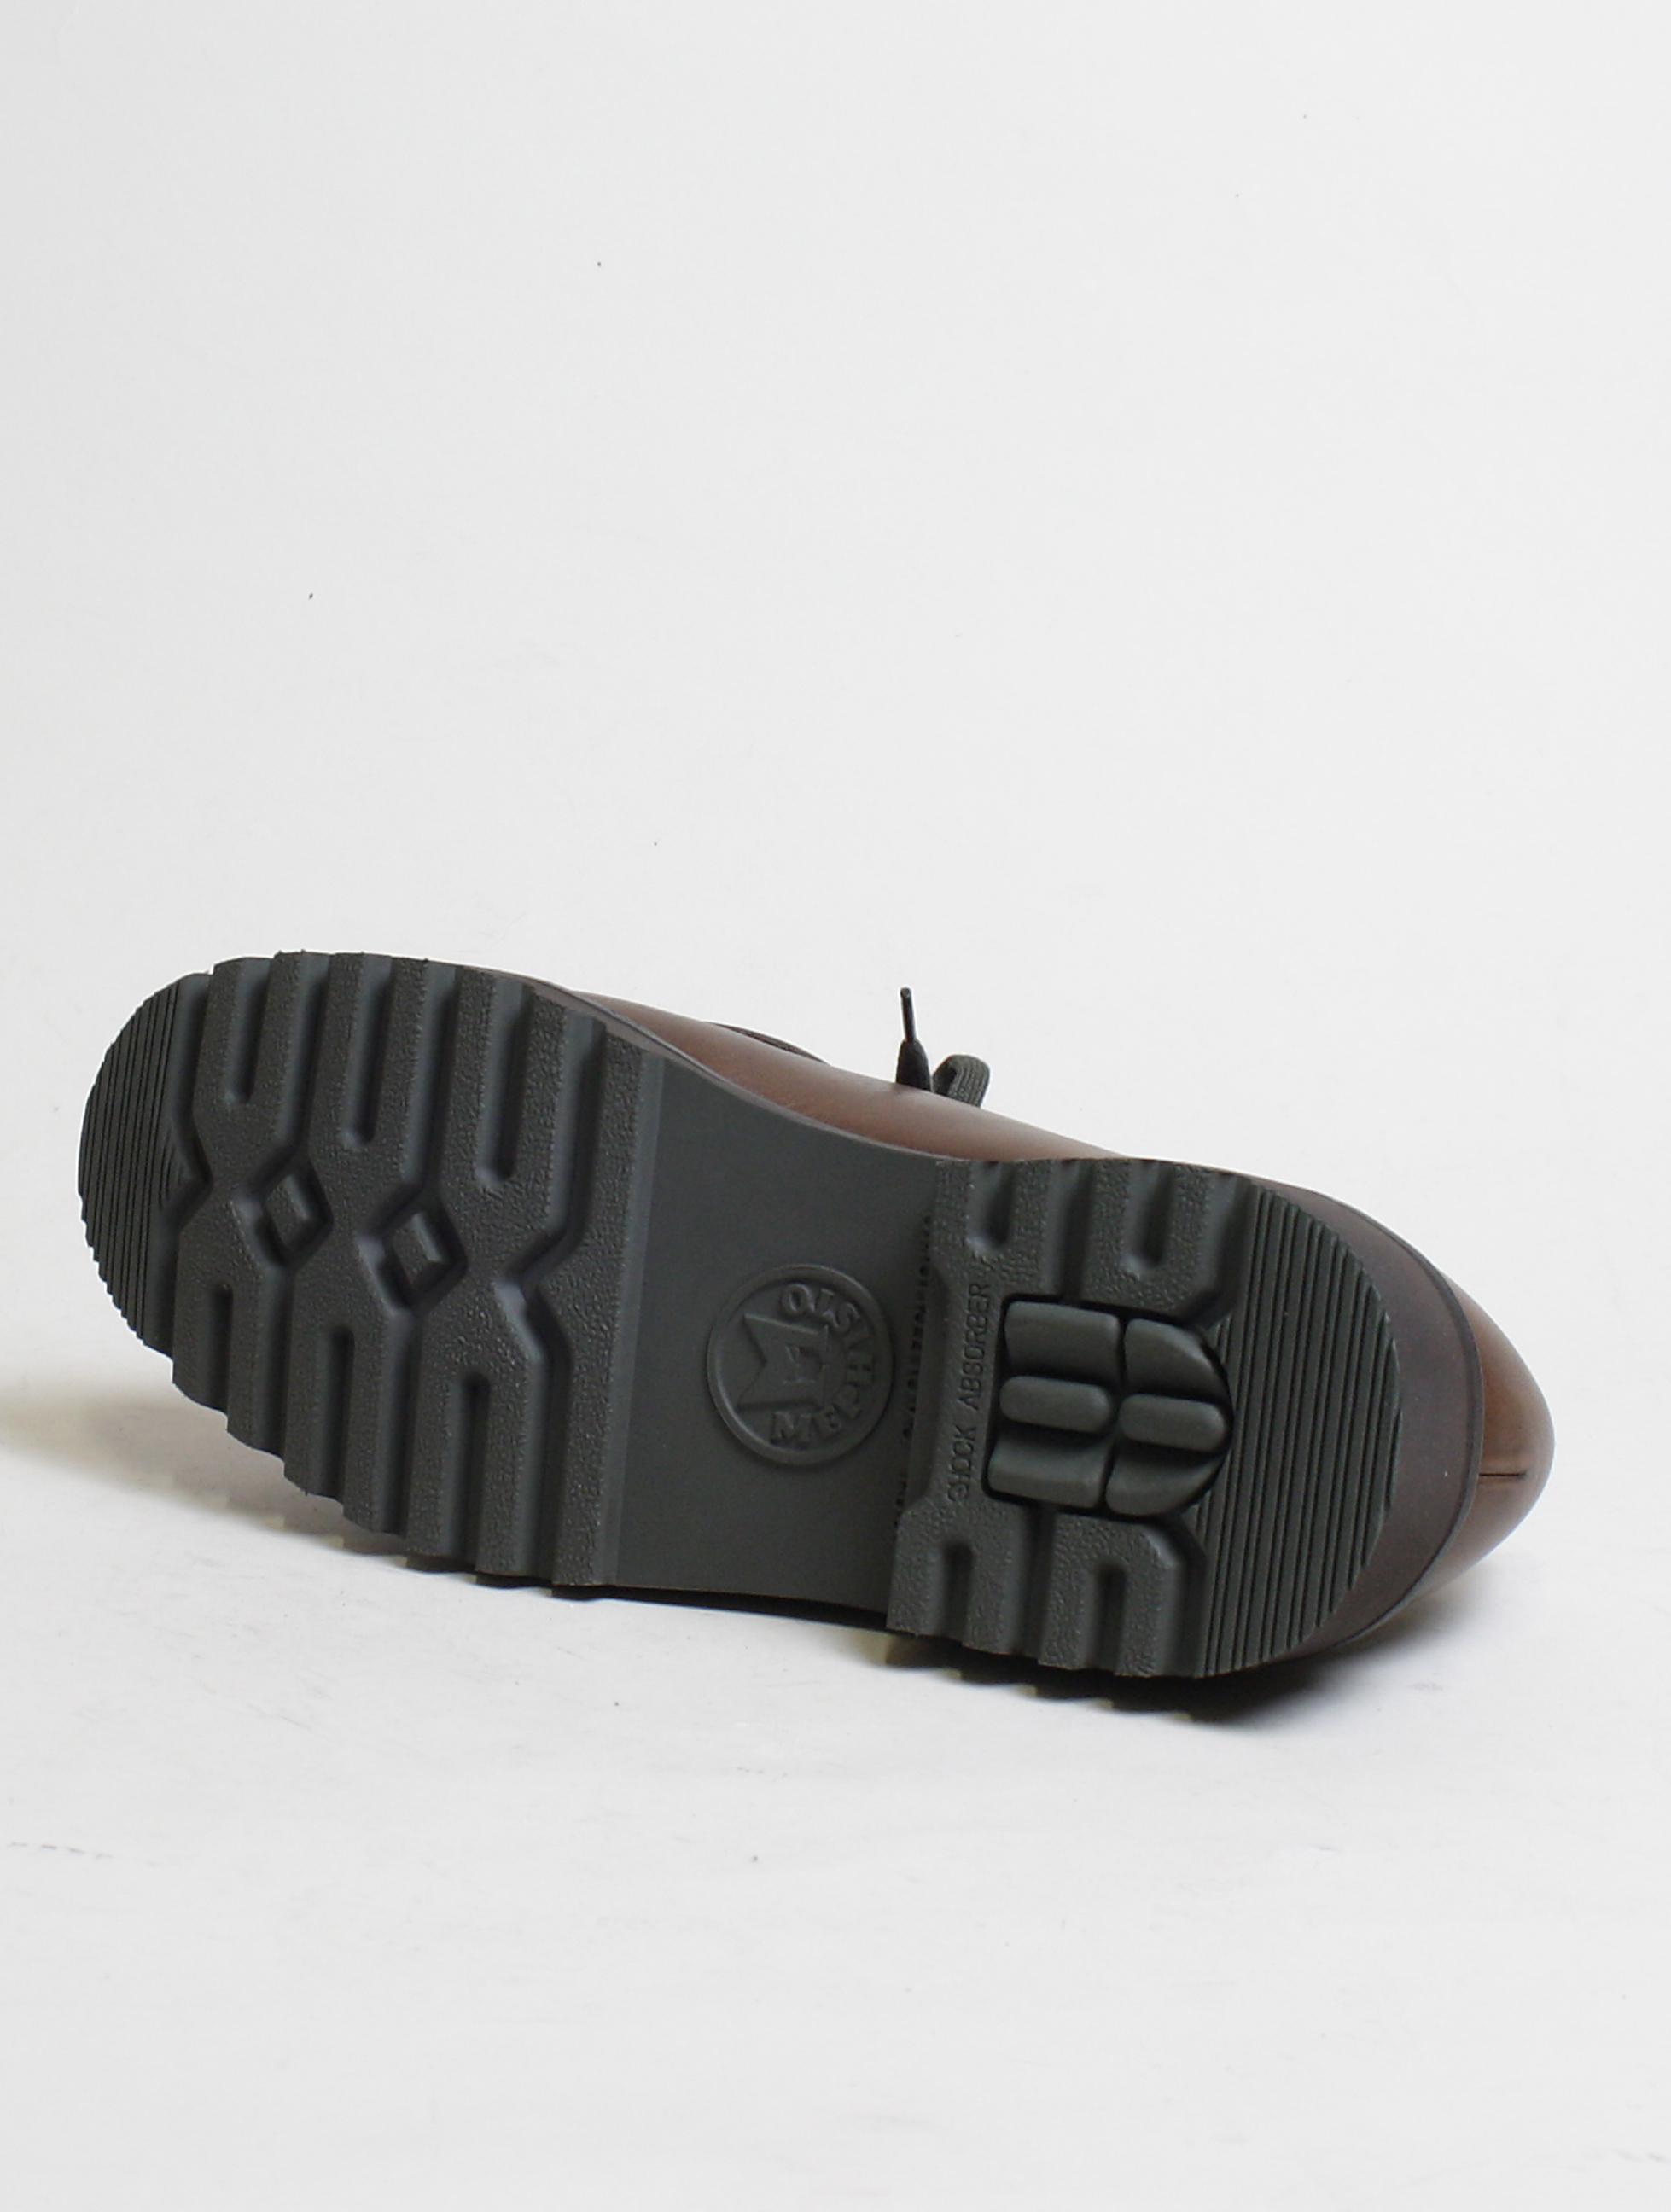 Mephisto scarpa allacciata 2 fori Peppo Dark Brown suola